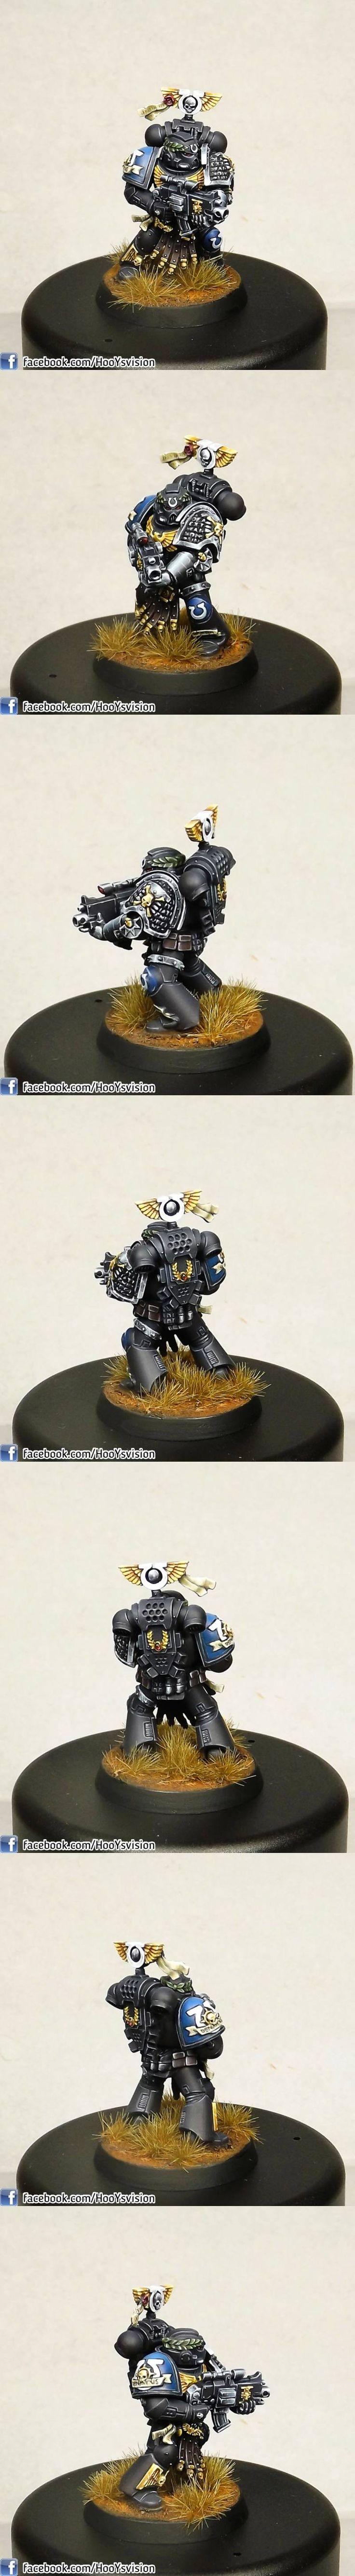 Vael Donatus, Ultramarine Sternguard Veteran - HooY